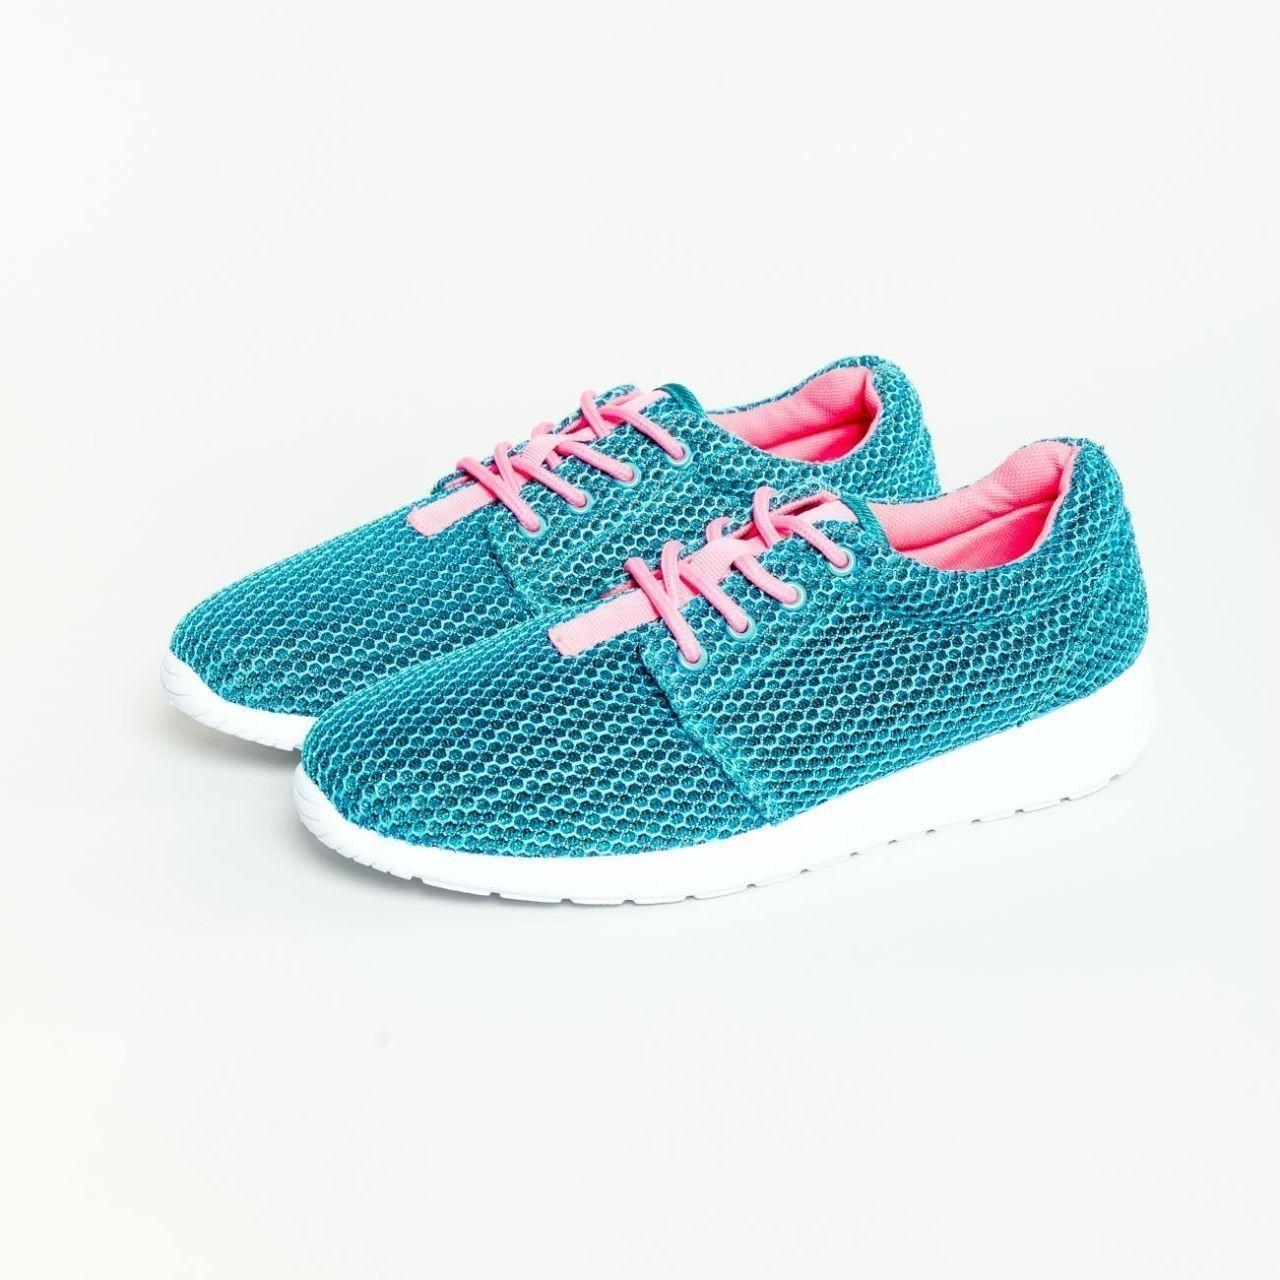 Modré sportovní boty Shana - 36